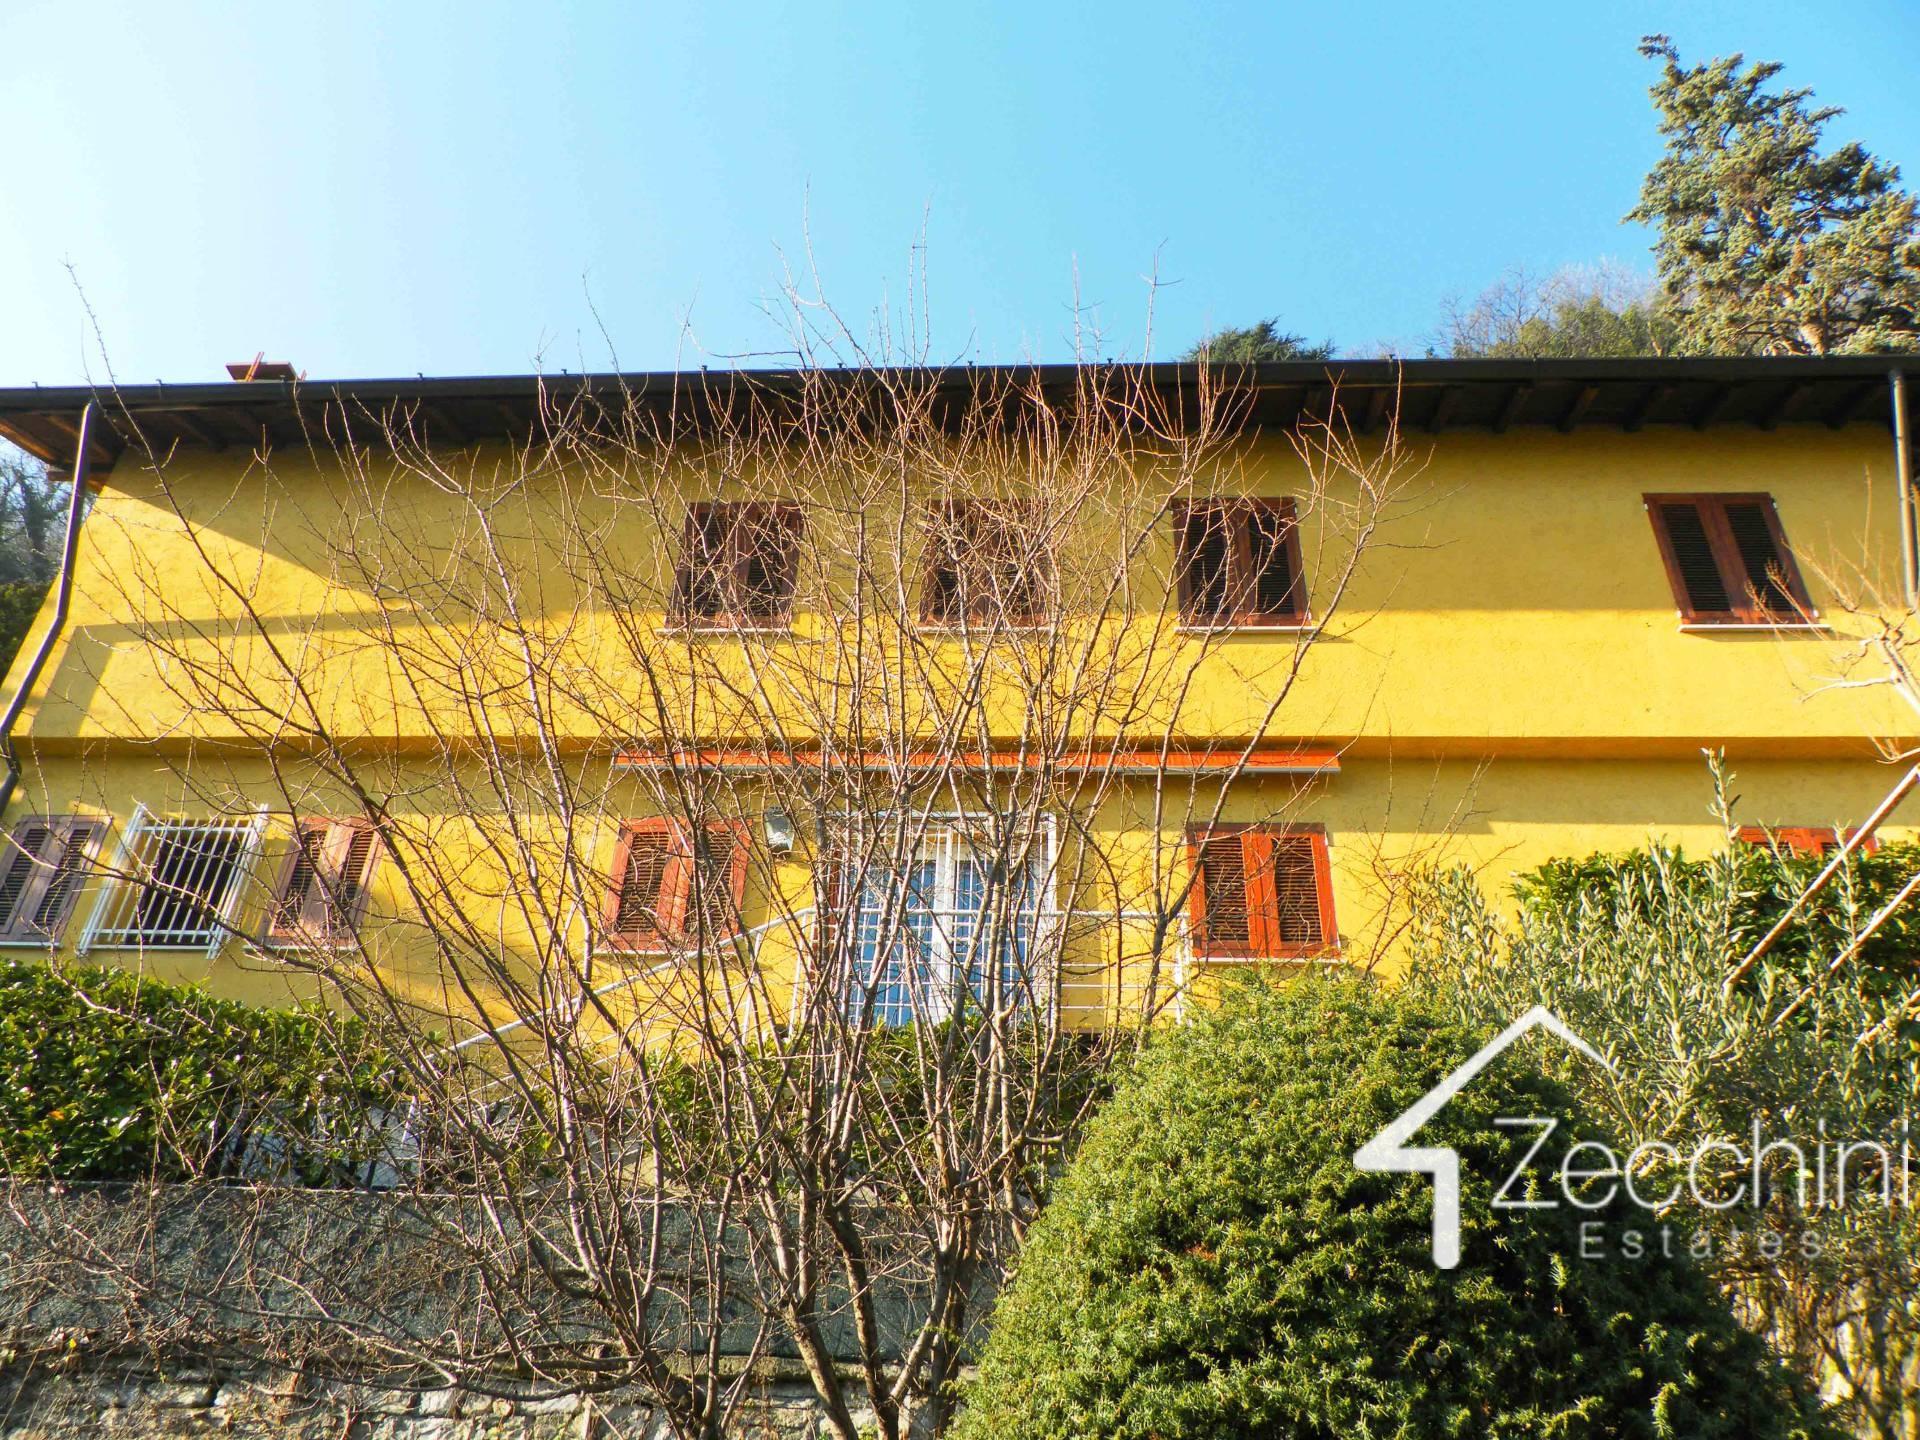 Villa in vendita a Moltrasio, 11 locali, Trattative riservate | Cambio Casa.it